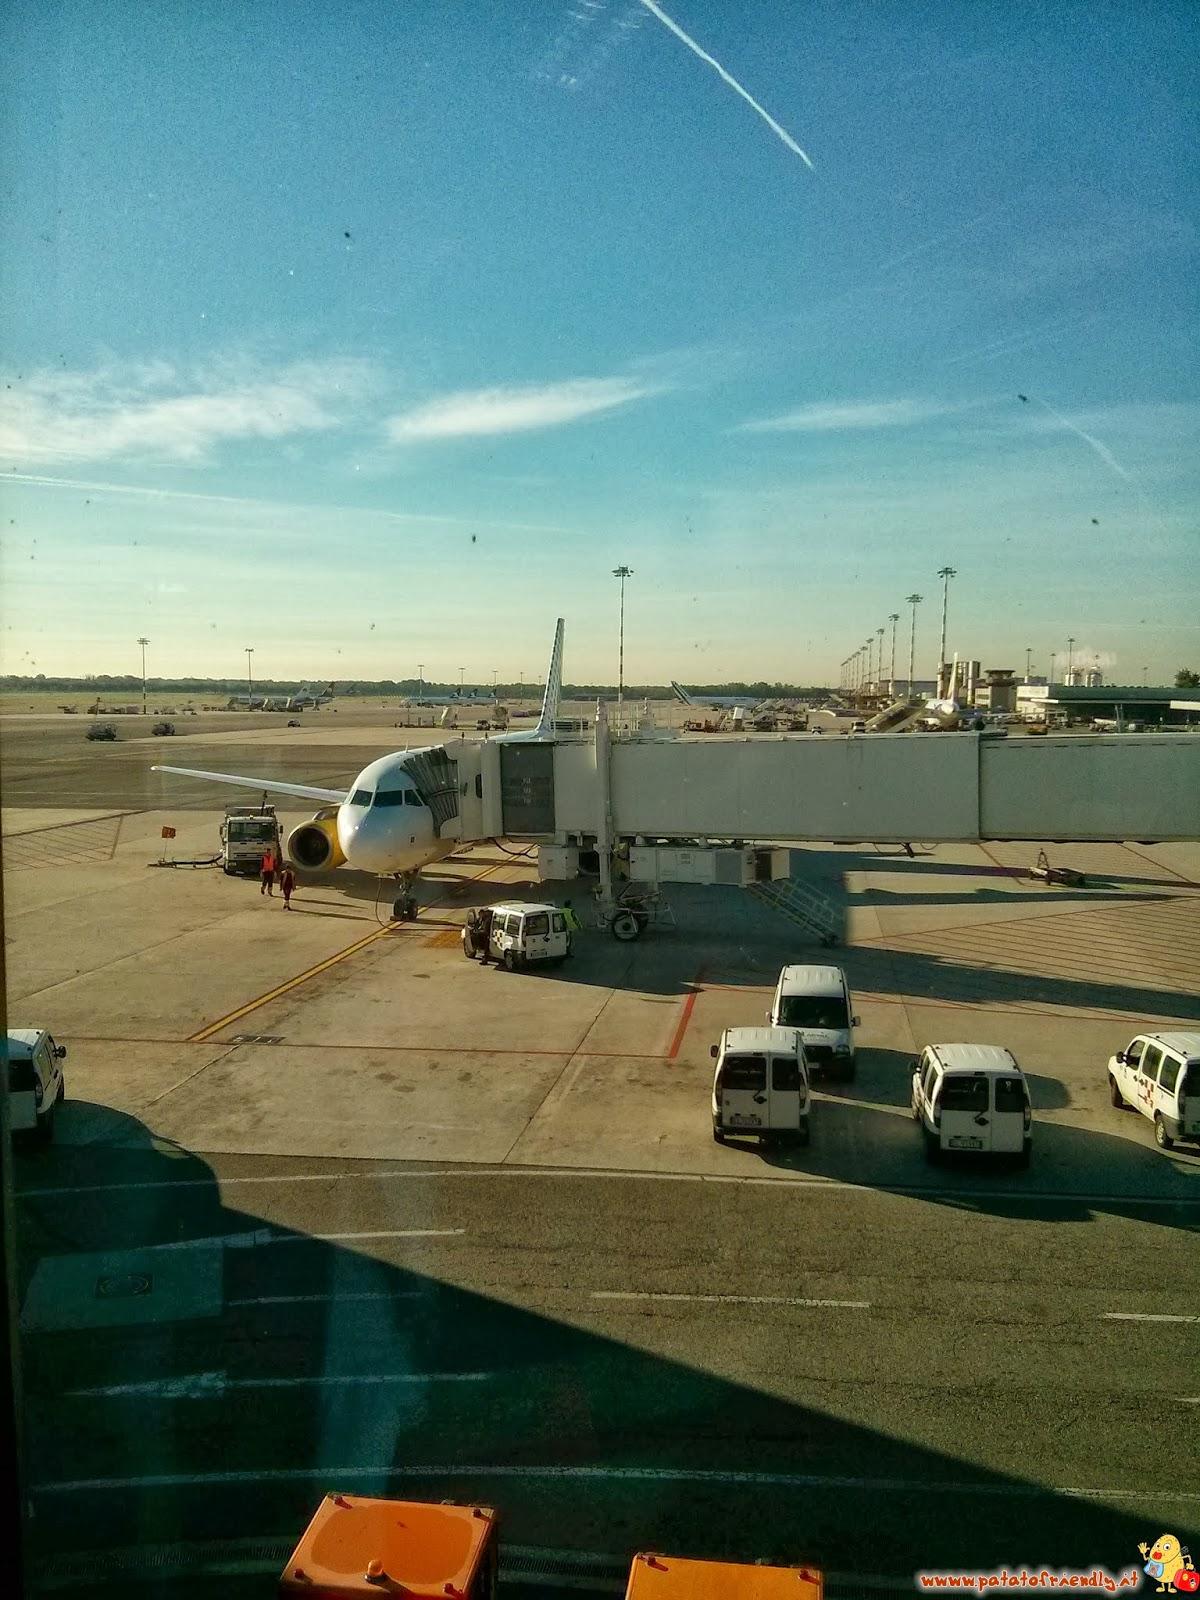 Aereo Privato Low Cost : Viaggiare coi bambini in aereo low cost patatofriendly